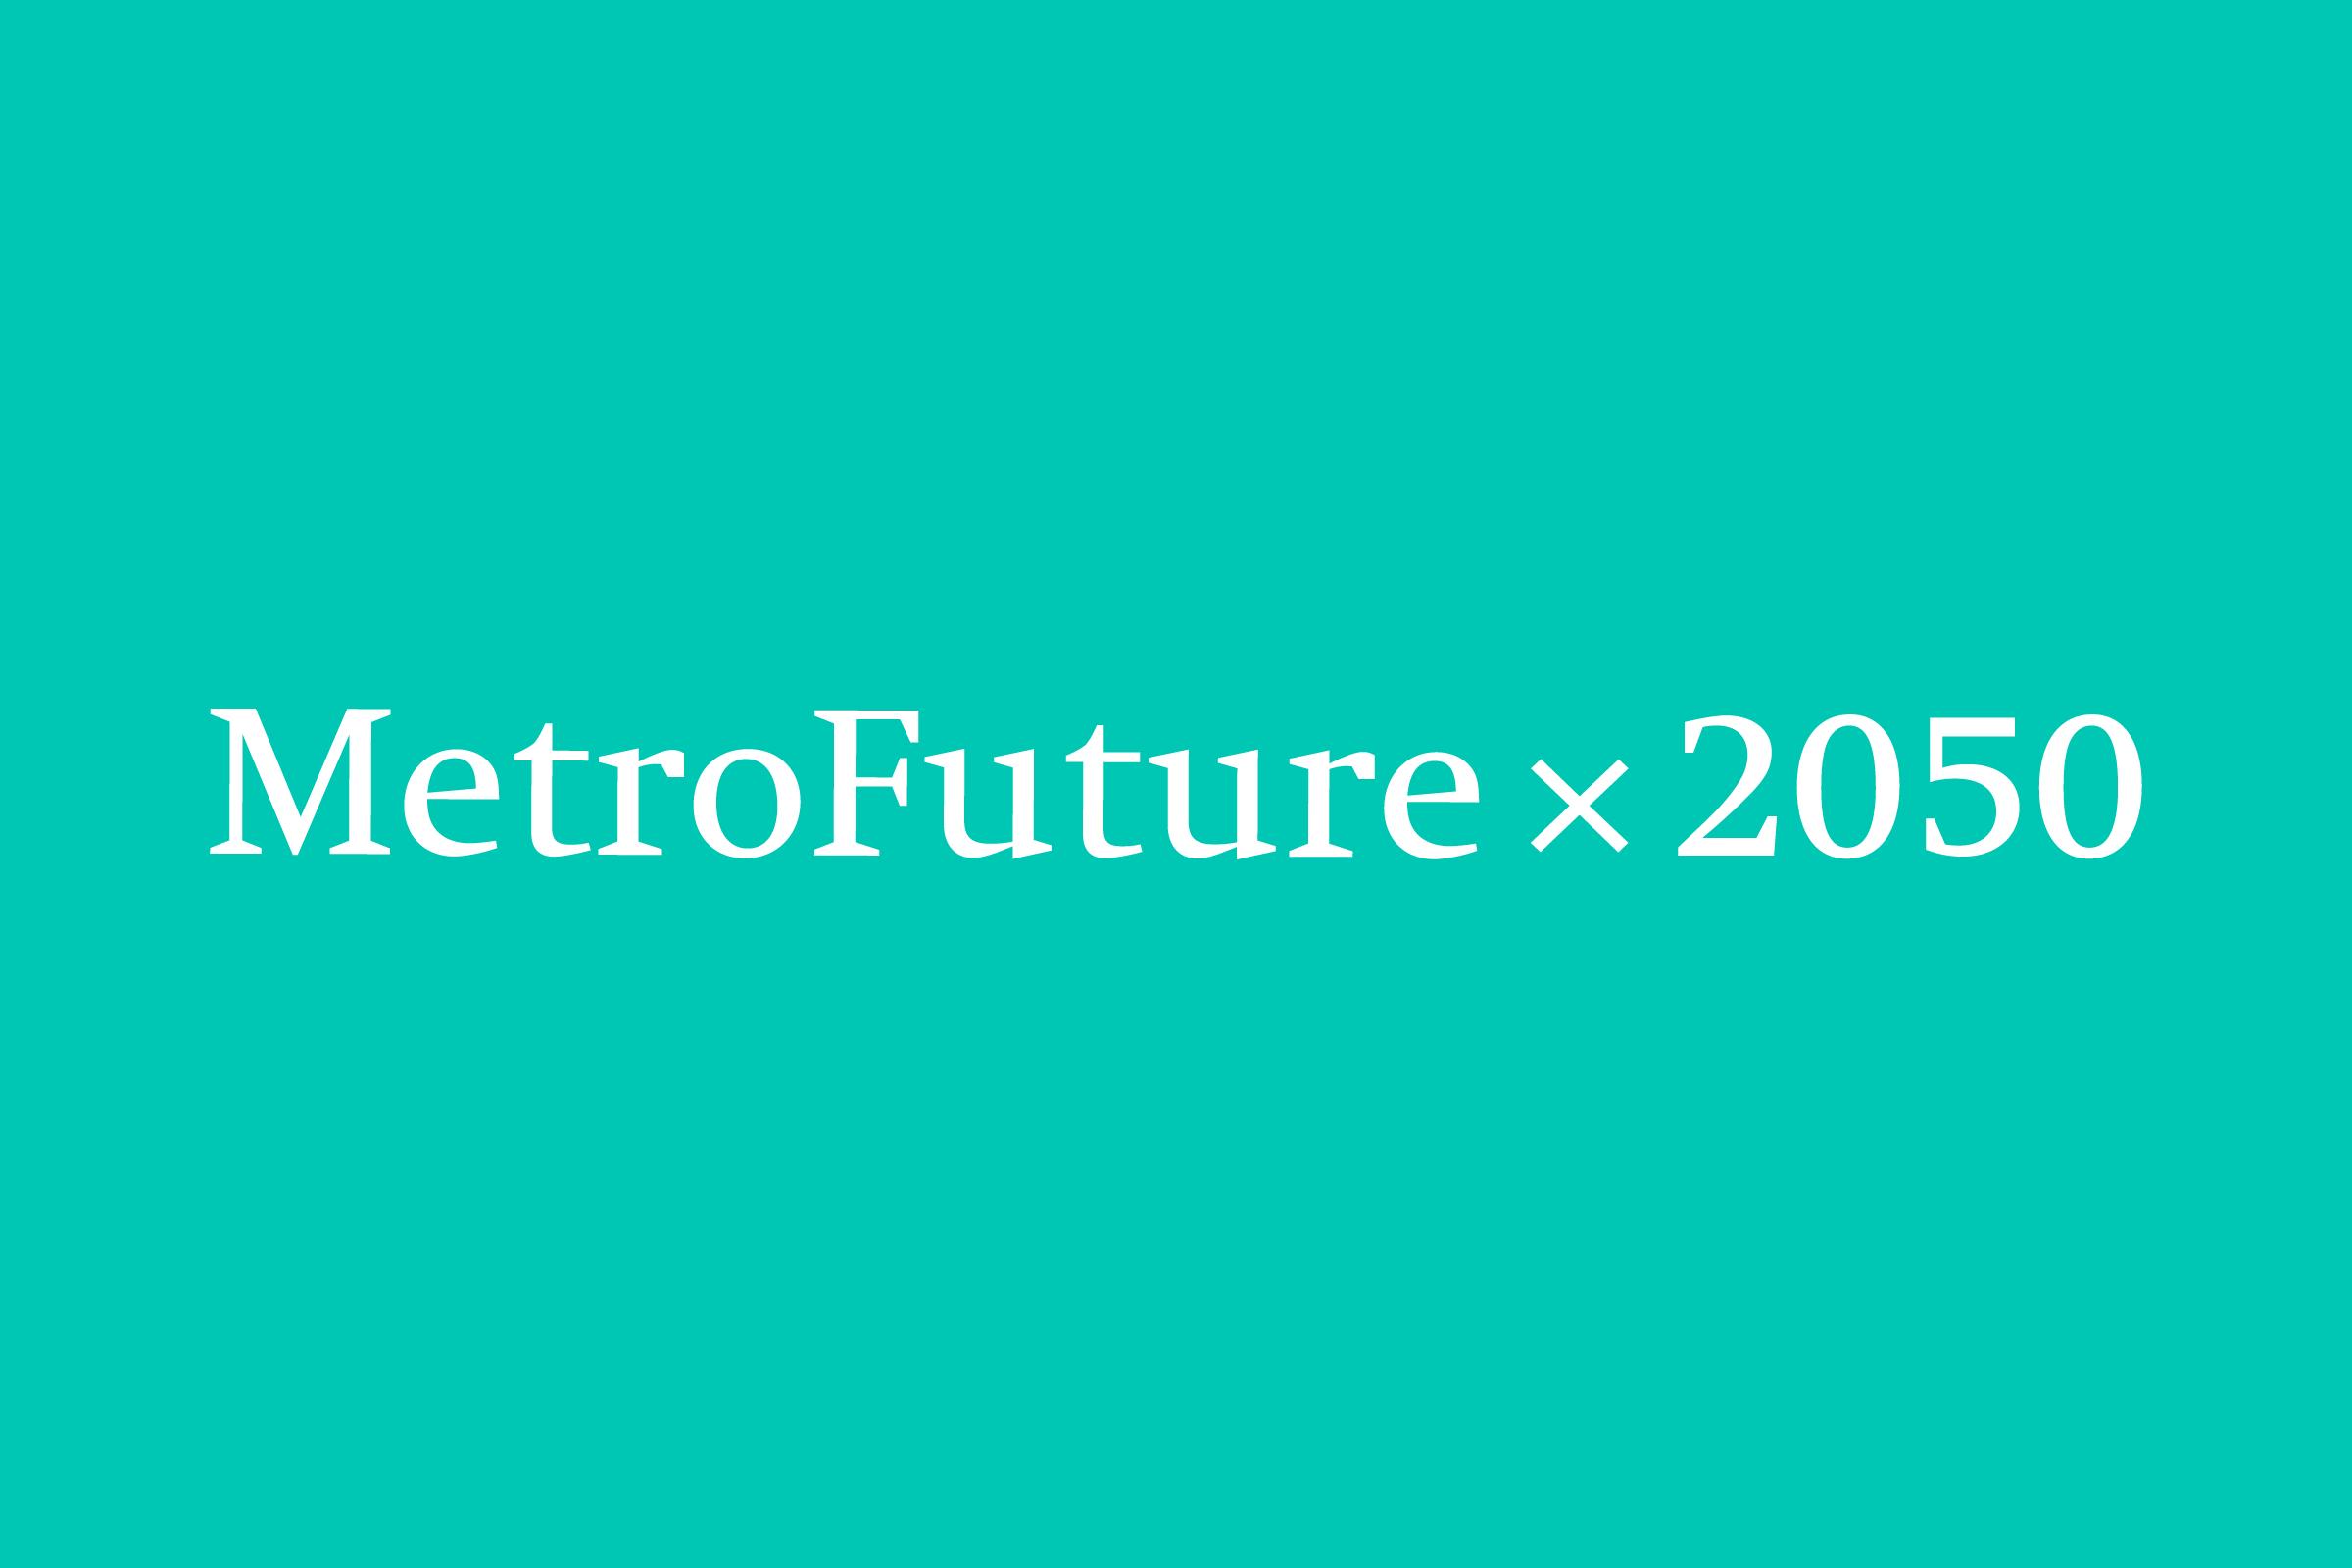 MetroFuture